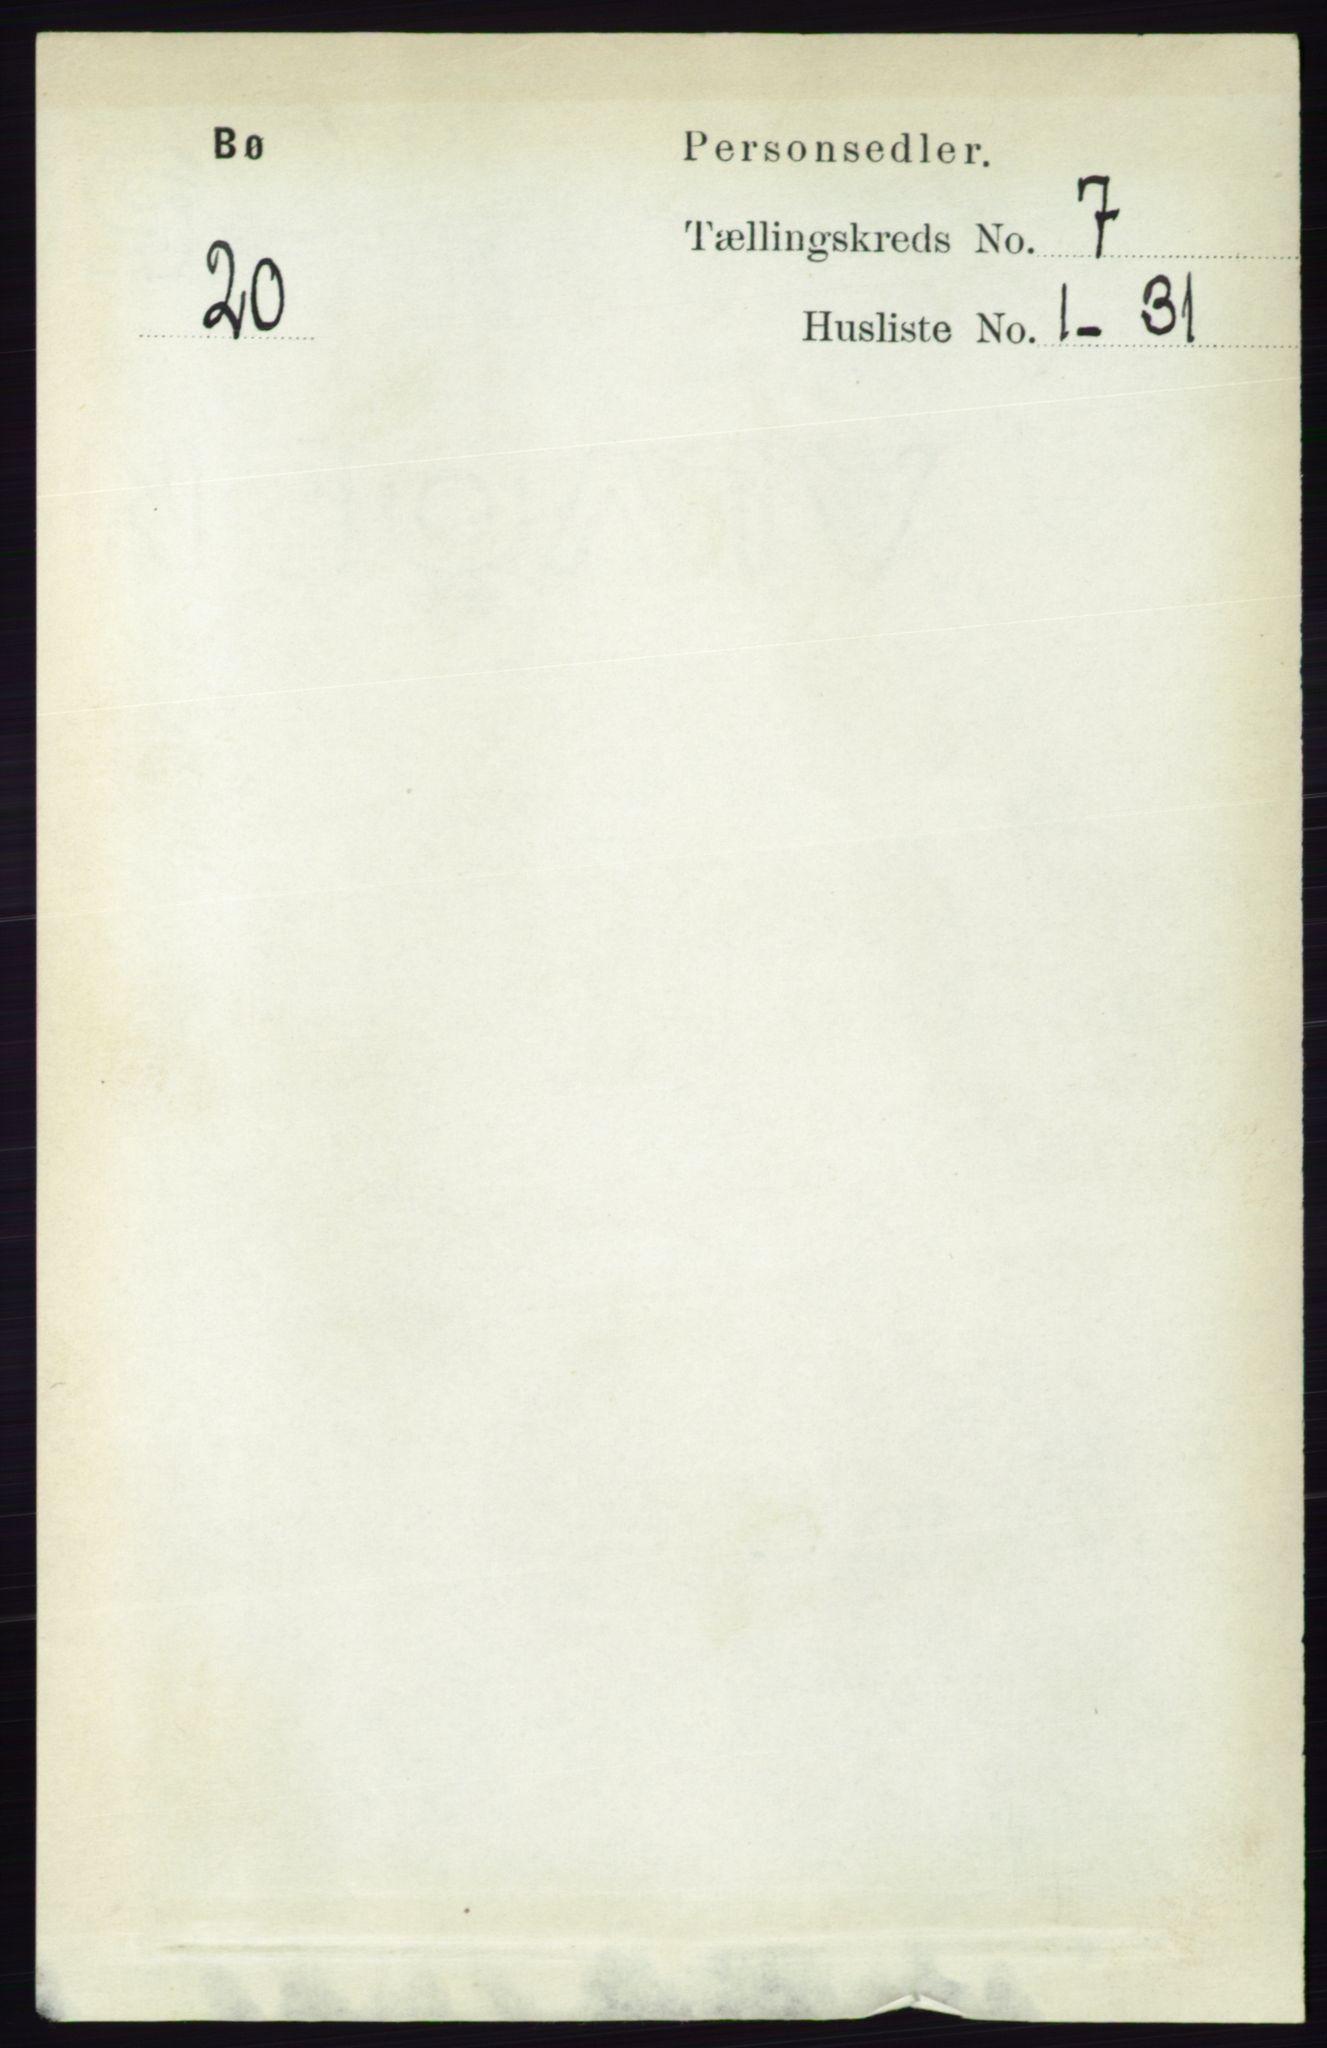 RA, Folketelling 1891 for 0821 Bø herred, 1891, s. 2204